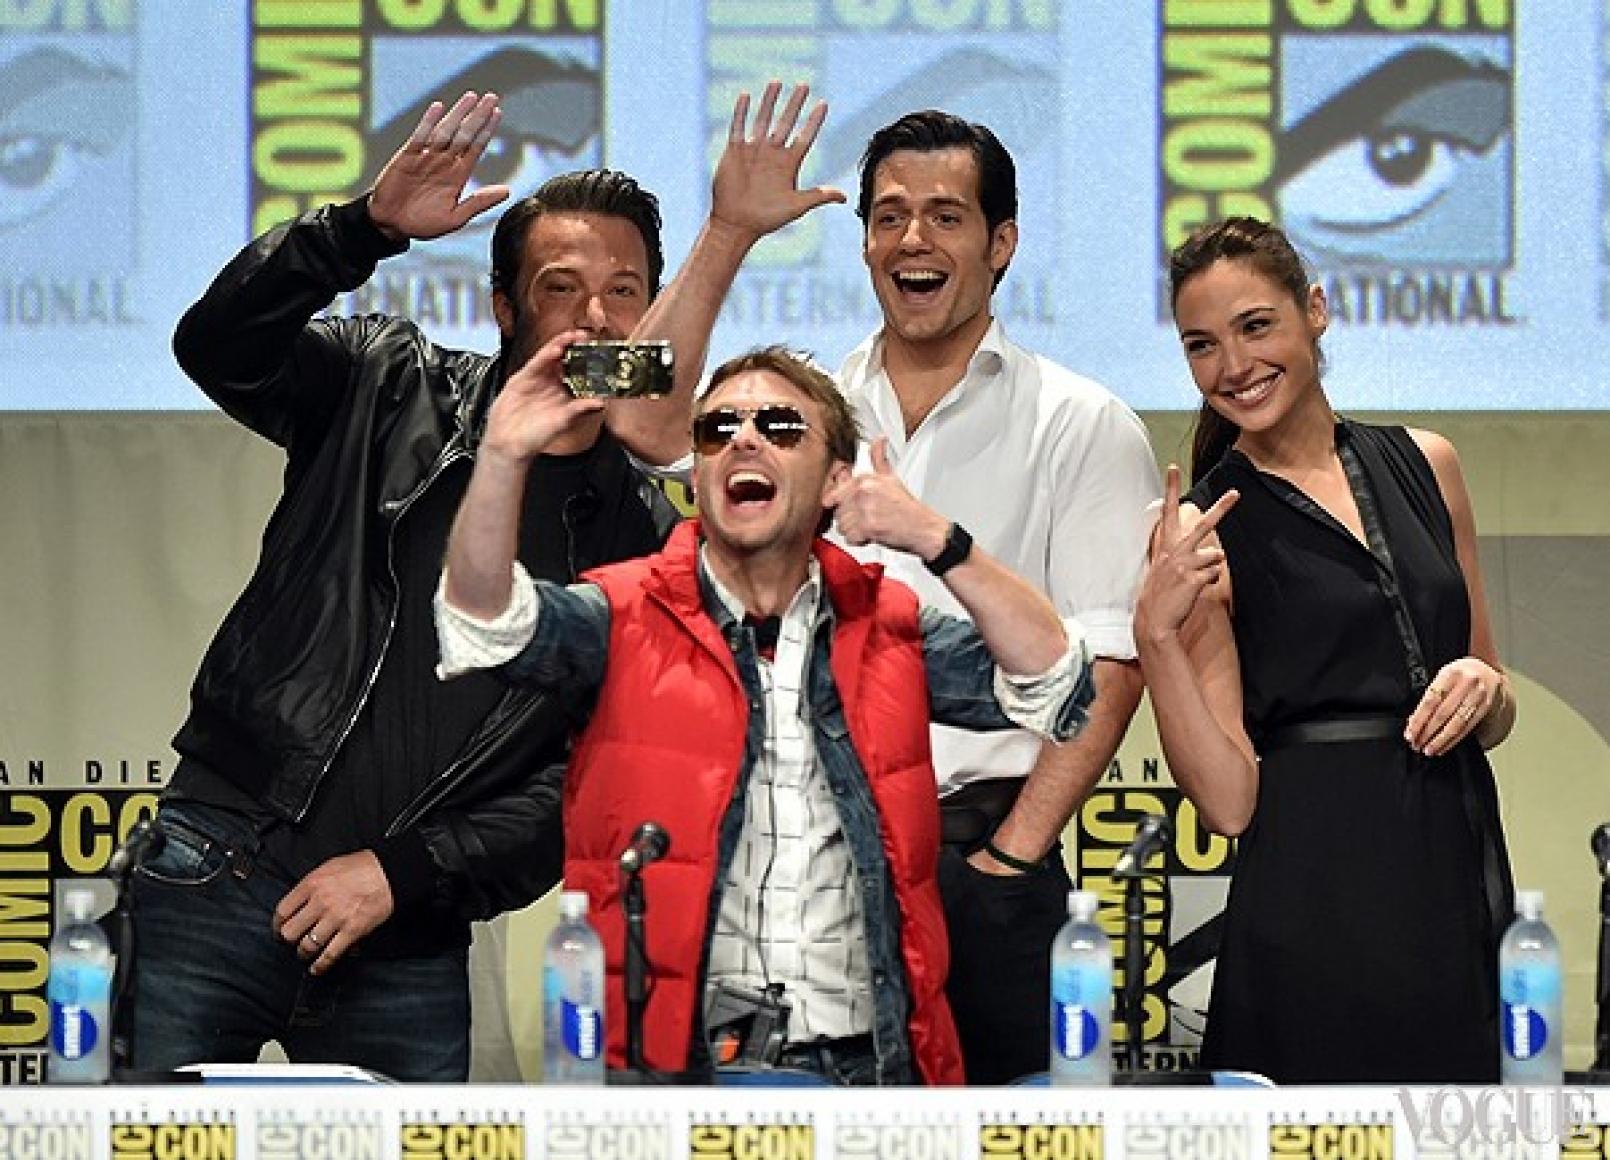 """Ведущий пресс-конференции делает селфи с актерами фильма """"Бетмэн против Супермена"""""""